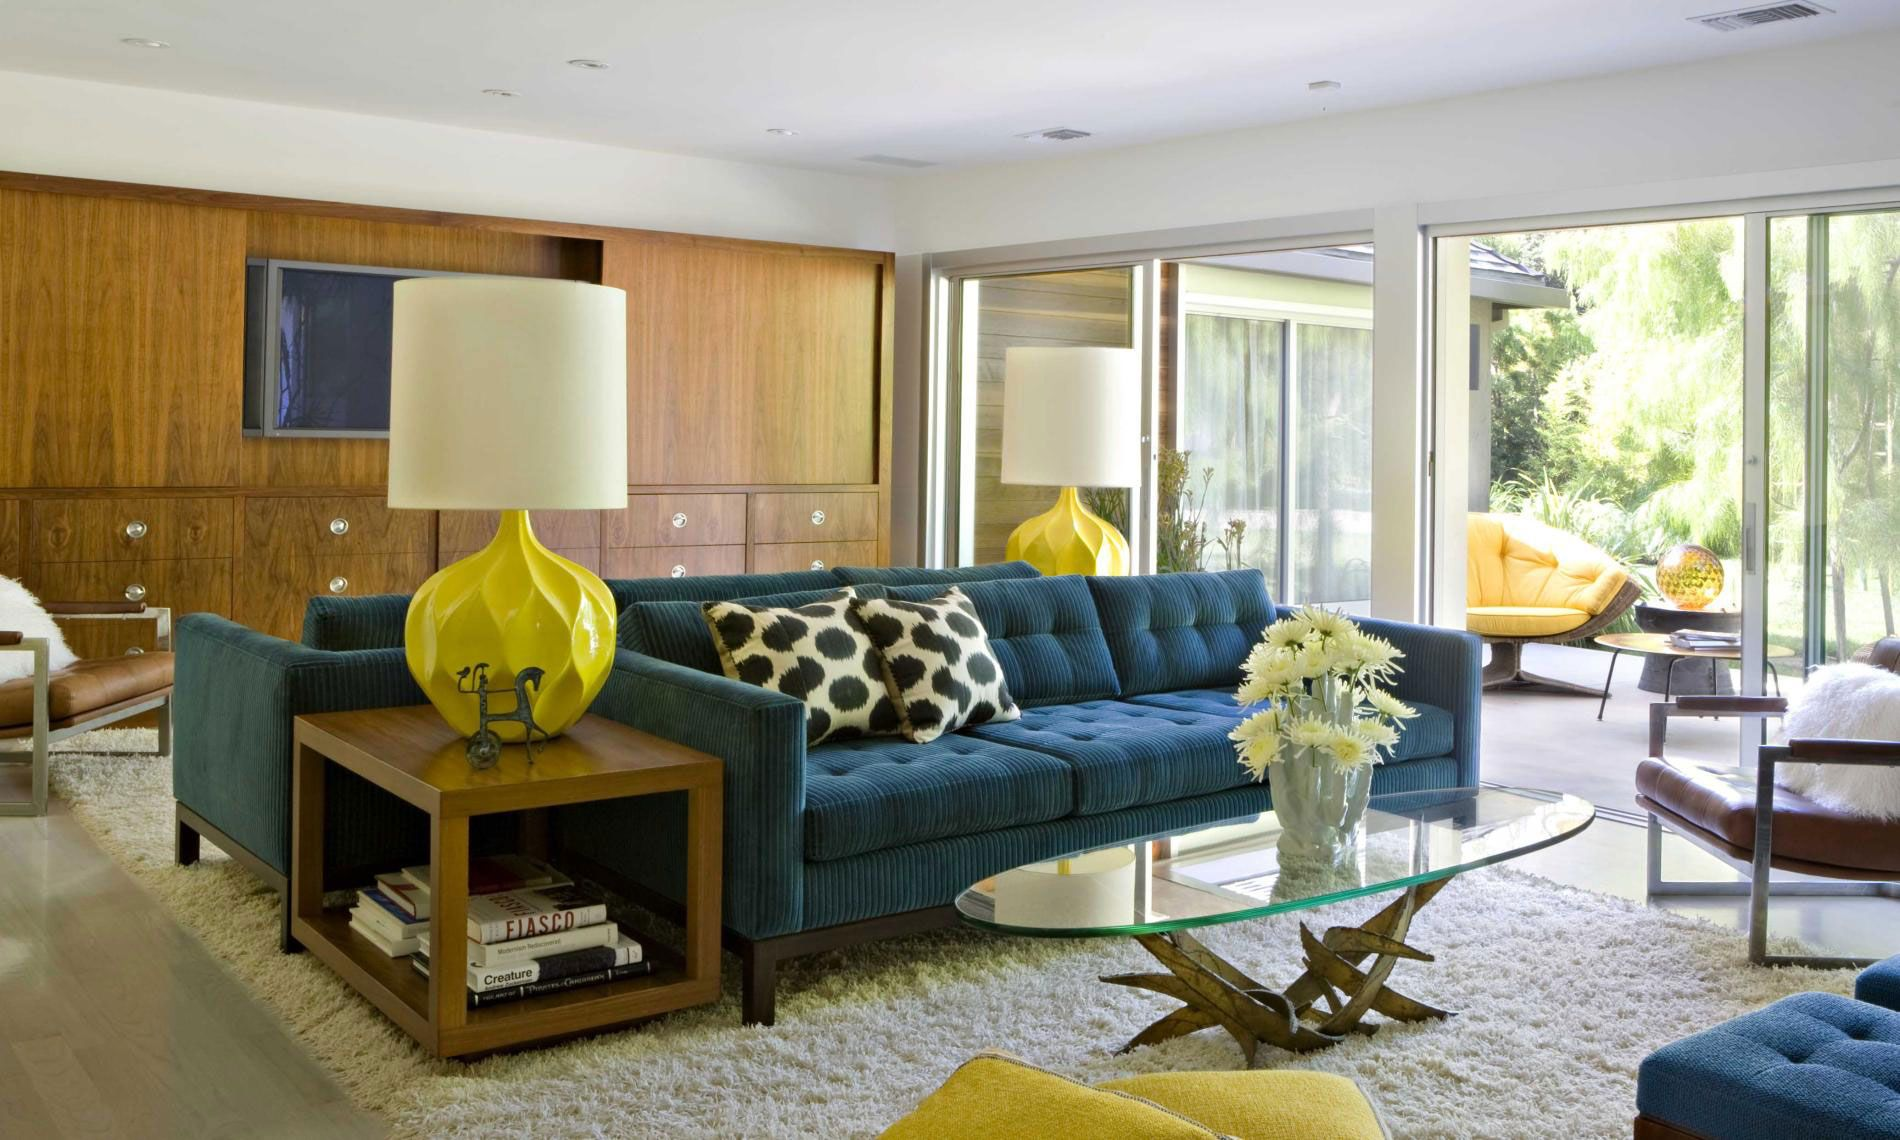 Attraktiv 70 Moderne, Innovative Luxus Interieur Ideen Fürs Wohnzimmer   Blau Gelb  Farbschema Tischlampe Wohnzimmer